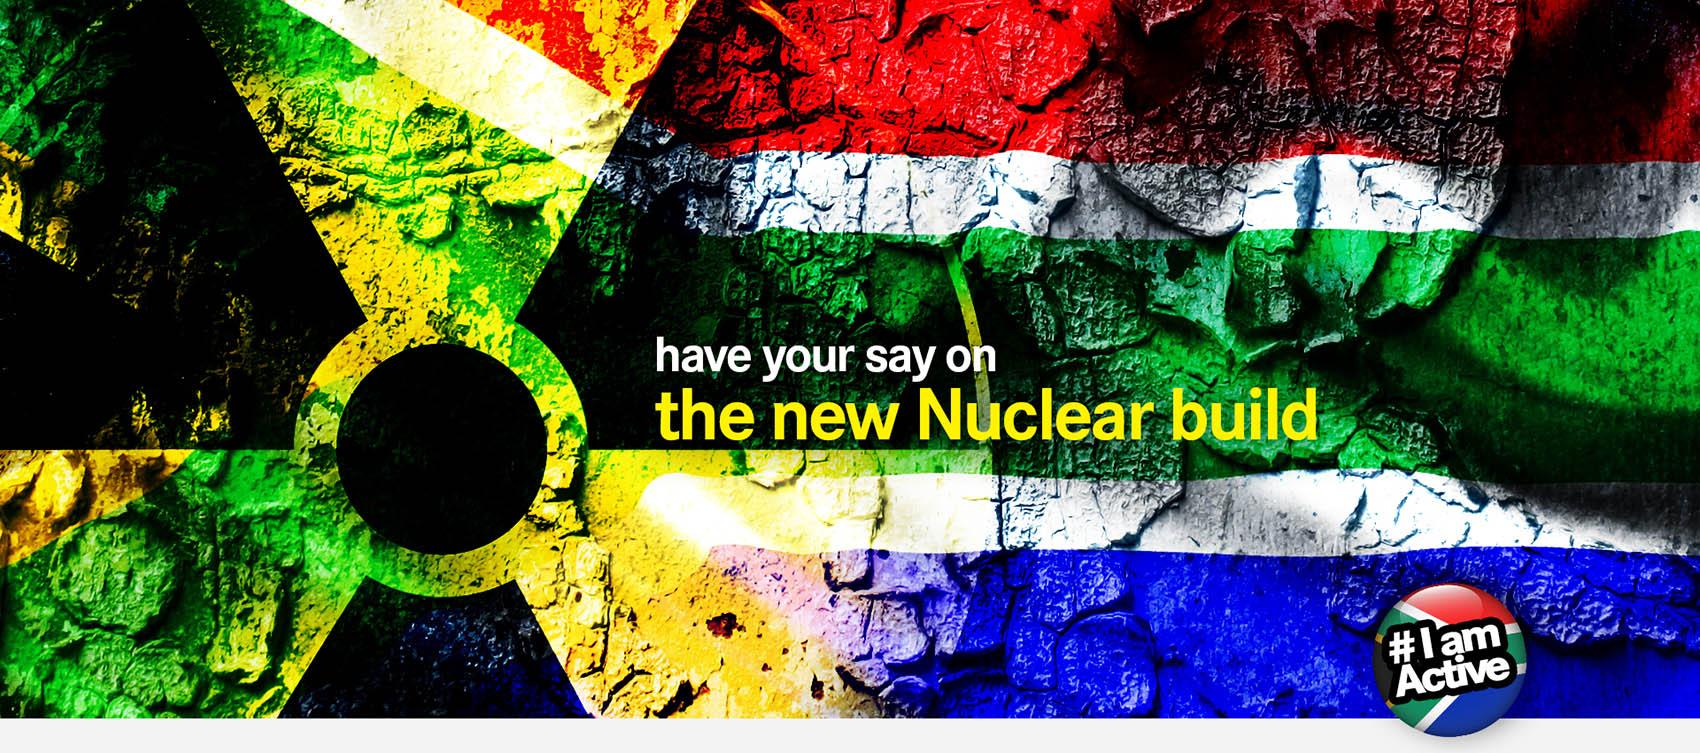 DearSA-new-nuclear-build